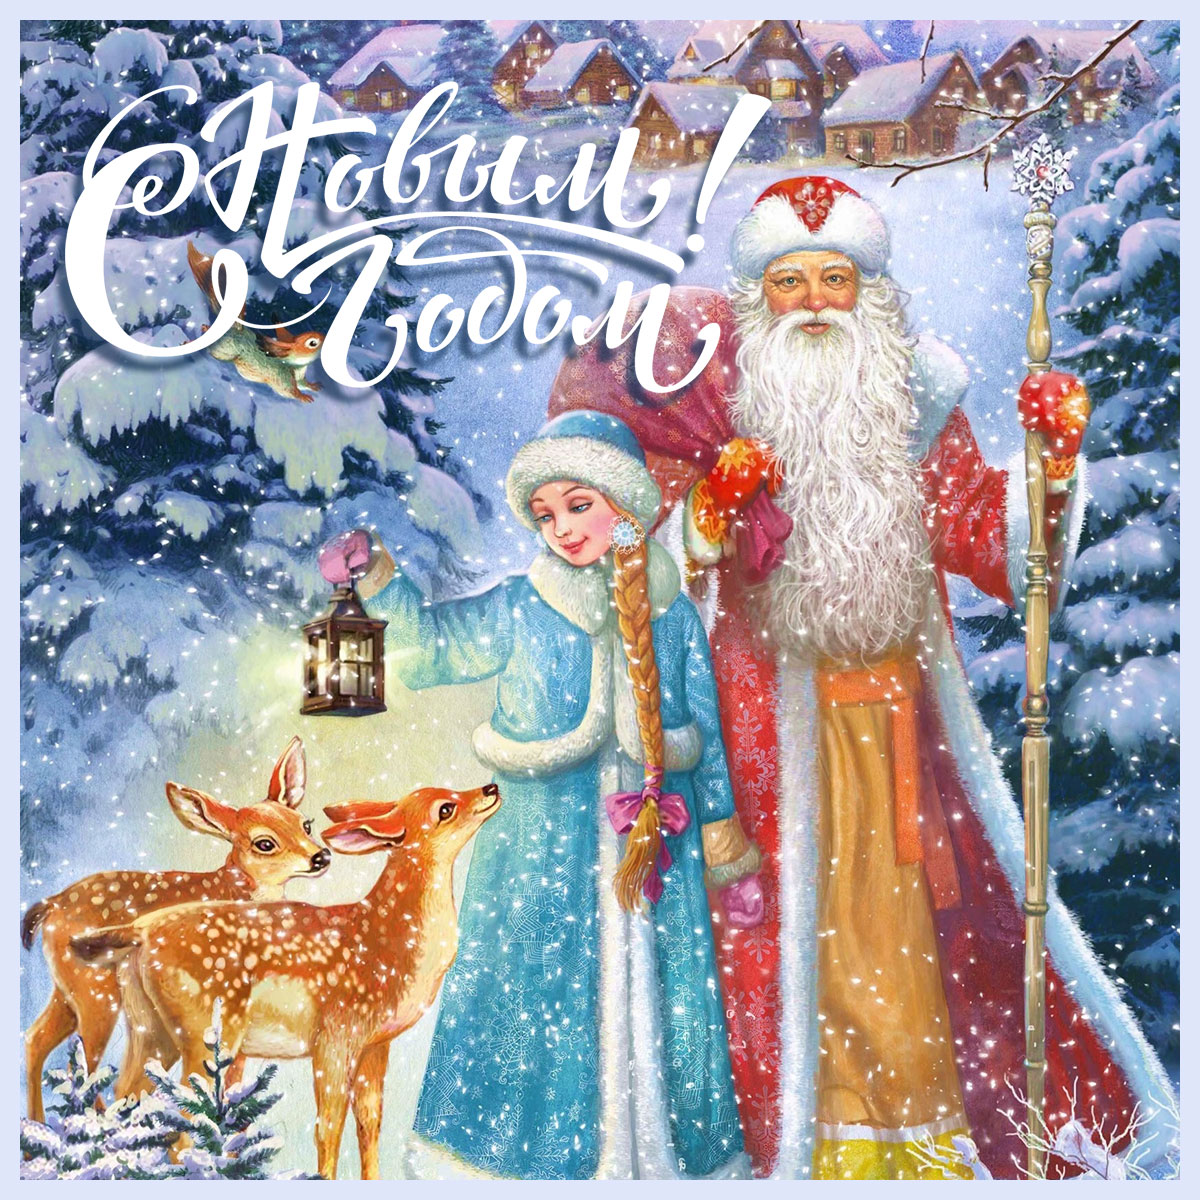 Дед Мороз и Снегурочка в зимнем лесу с двумя оленями.